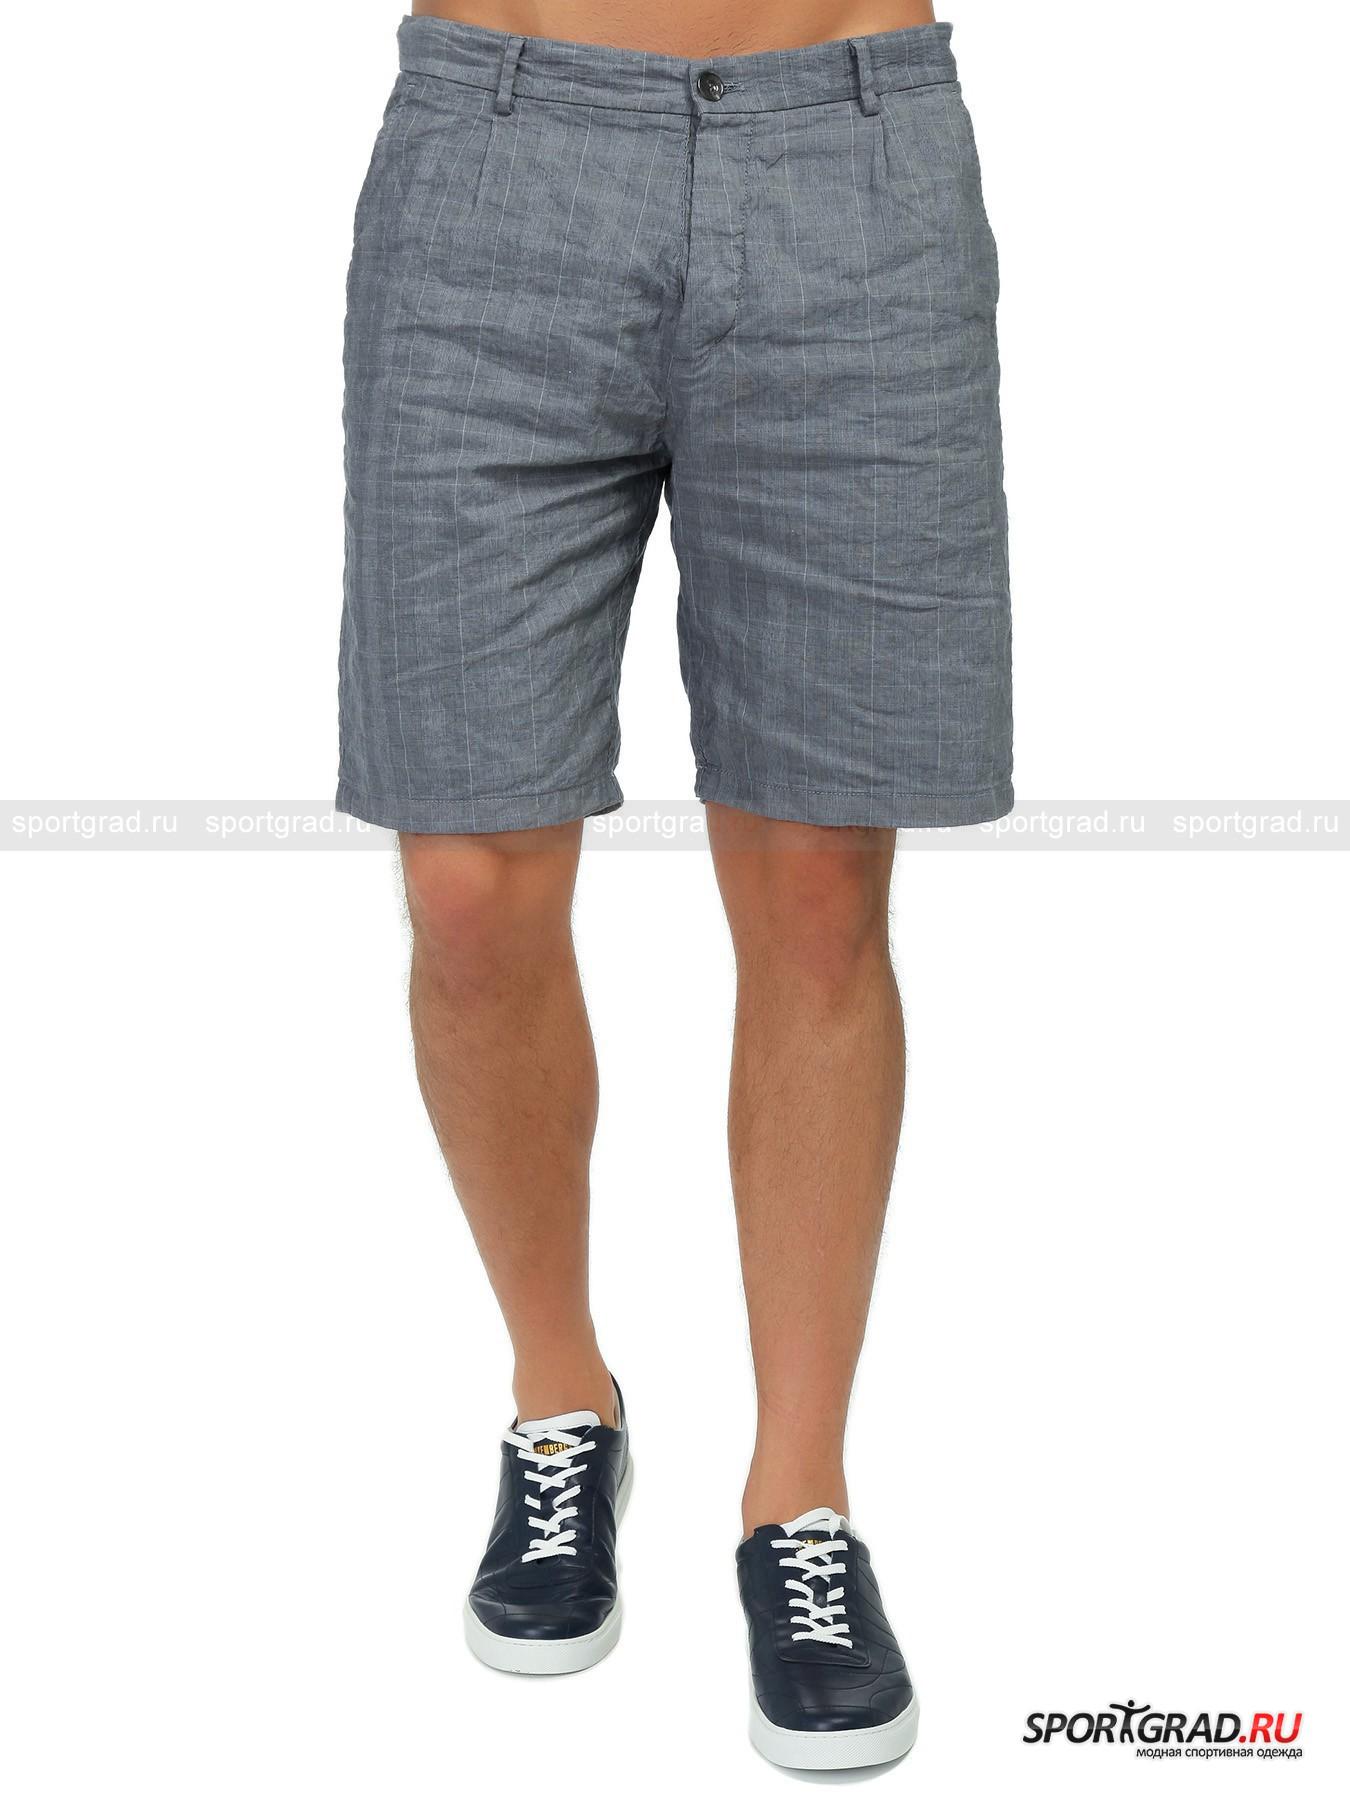 Шорты мужские ICEBERGШорты, Велосипедки<br>Лёгкие клетчатые шорты ICEBERG, для создания которых была использована оригинальная хлопково-льняная ткань, - это замечательное решение для Вашего летнего casual лука. Модель имеет классическую посадку, 4 кармана, притачной пояс со шлёвками для пояса и двойную застёжку на пуговицах. Шорты снабжены фирменной фурнитурой с символикой бренда и украшены небольшой металлической эмблемой ICEBERG сзади.<br><br>Пол: Мужской<br>Возраст: Взрослый<br>Тип: Шорты, Велосипедки<br>Рекомендации по уходу: Деликатная ручная стирка при температуре 30 градусов, щадящий ручной отжим, гладить при температуре до 120 градусов.<br>Состав: 61% хлопок, 39% лён